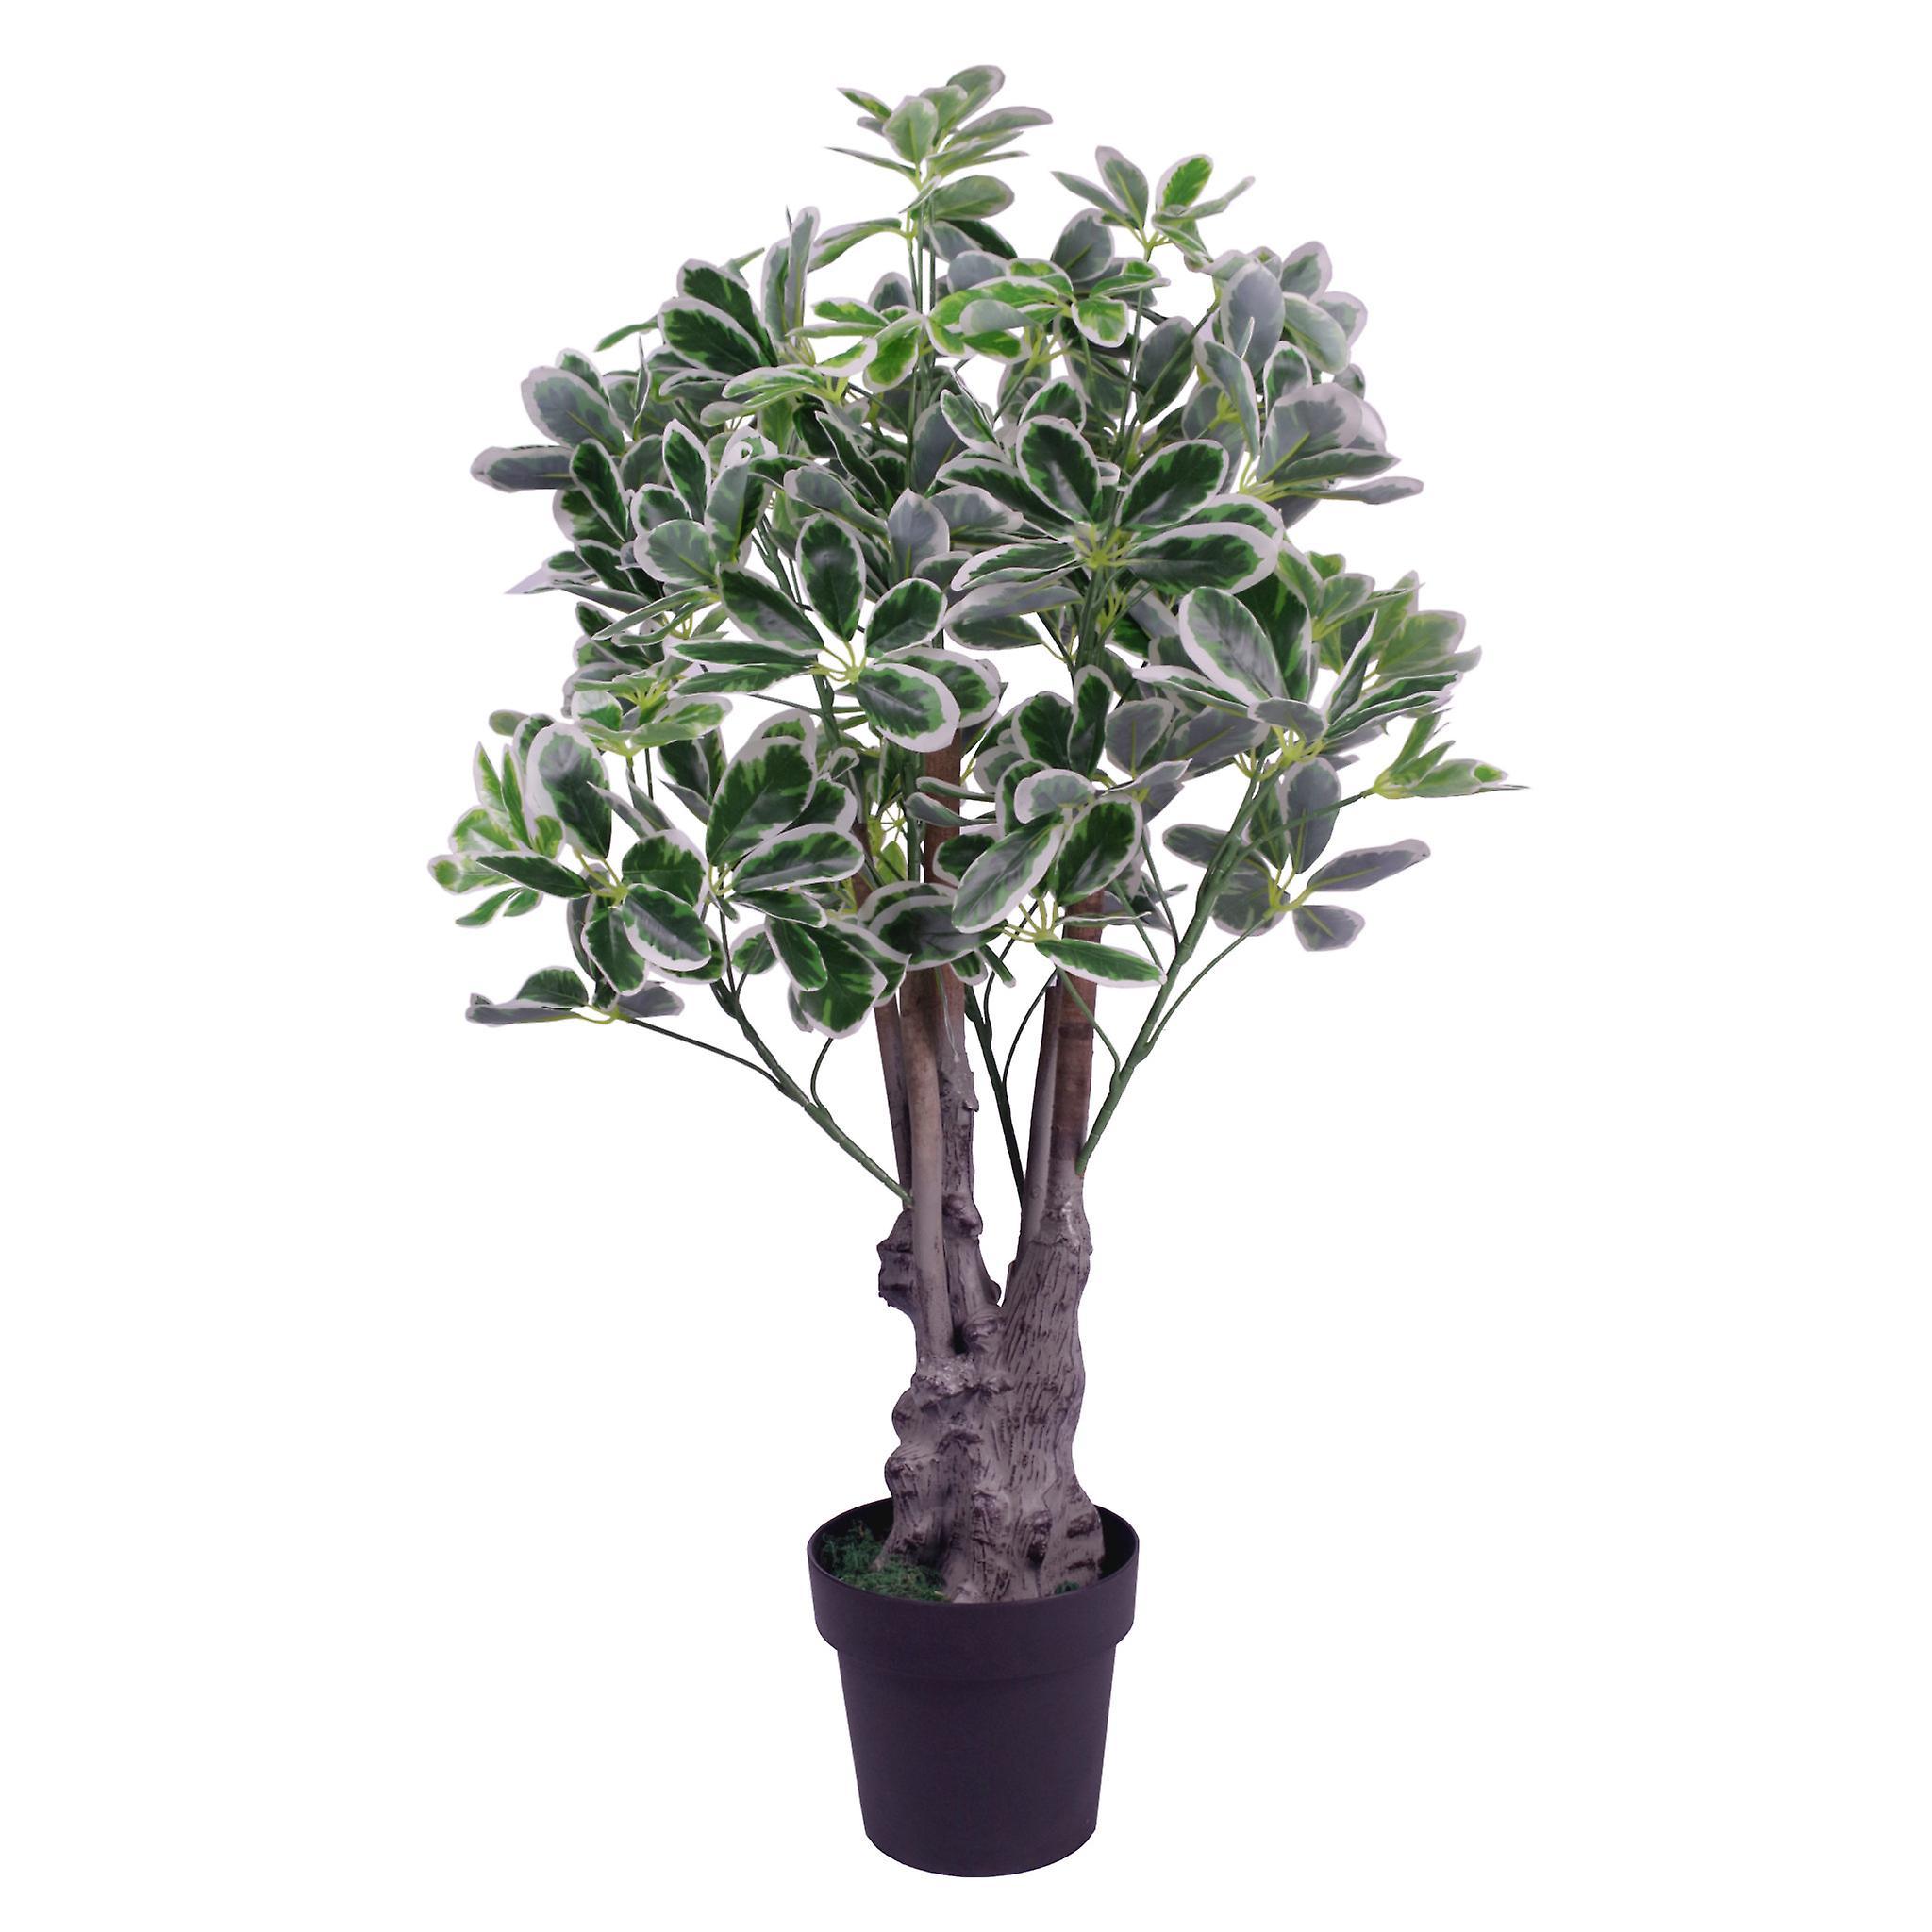 100cm Artificial Umbrella Tree Ficus Indoor Plant - Extra Large